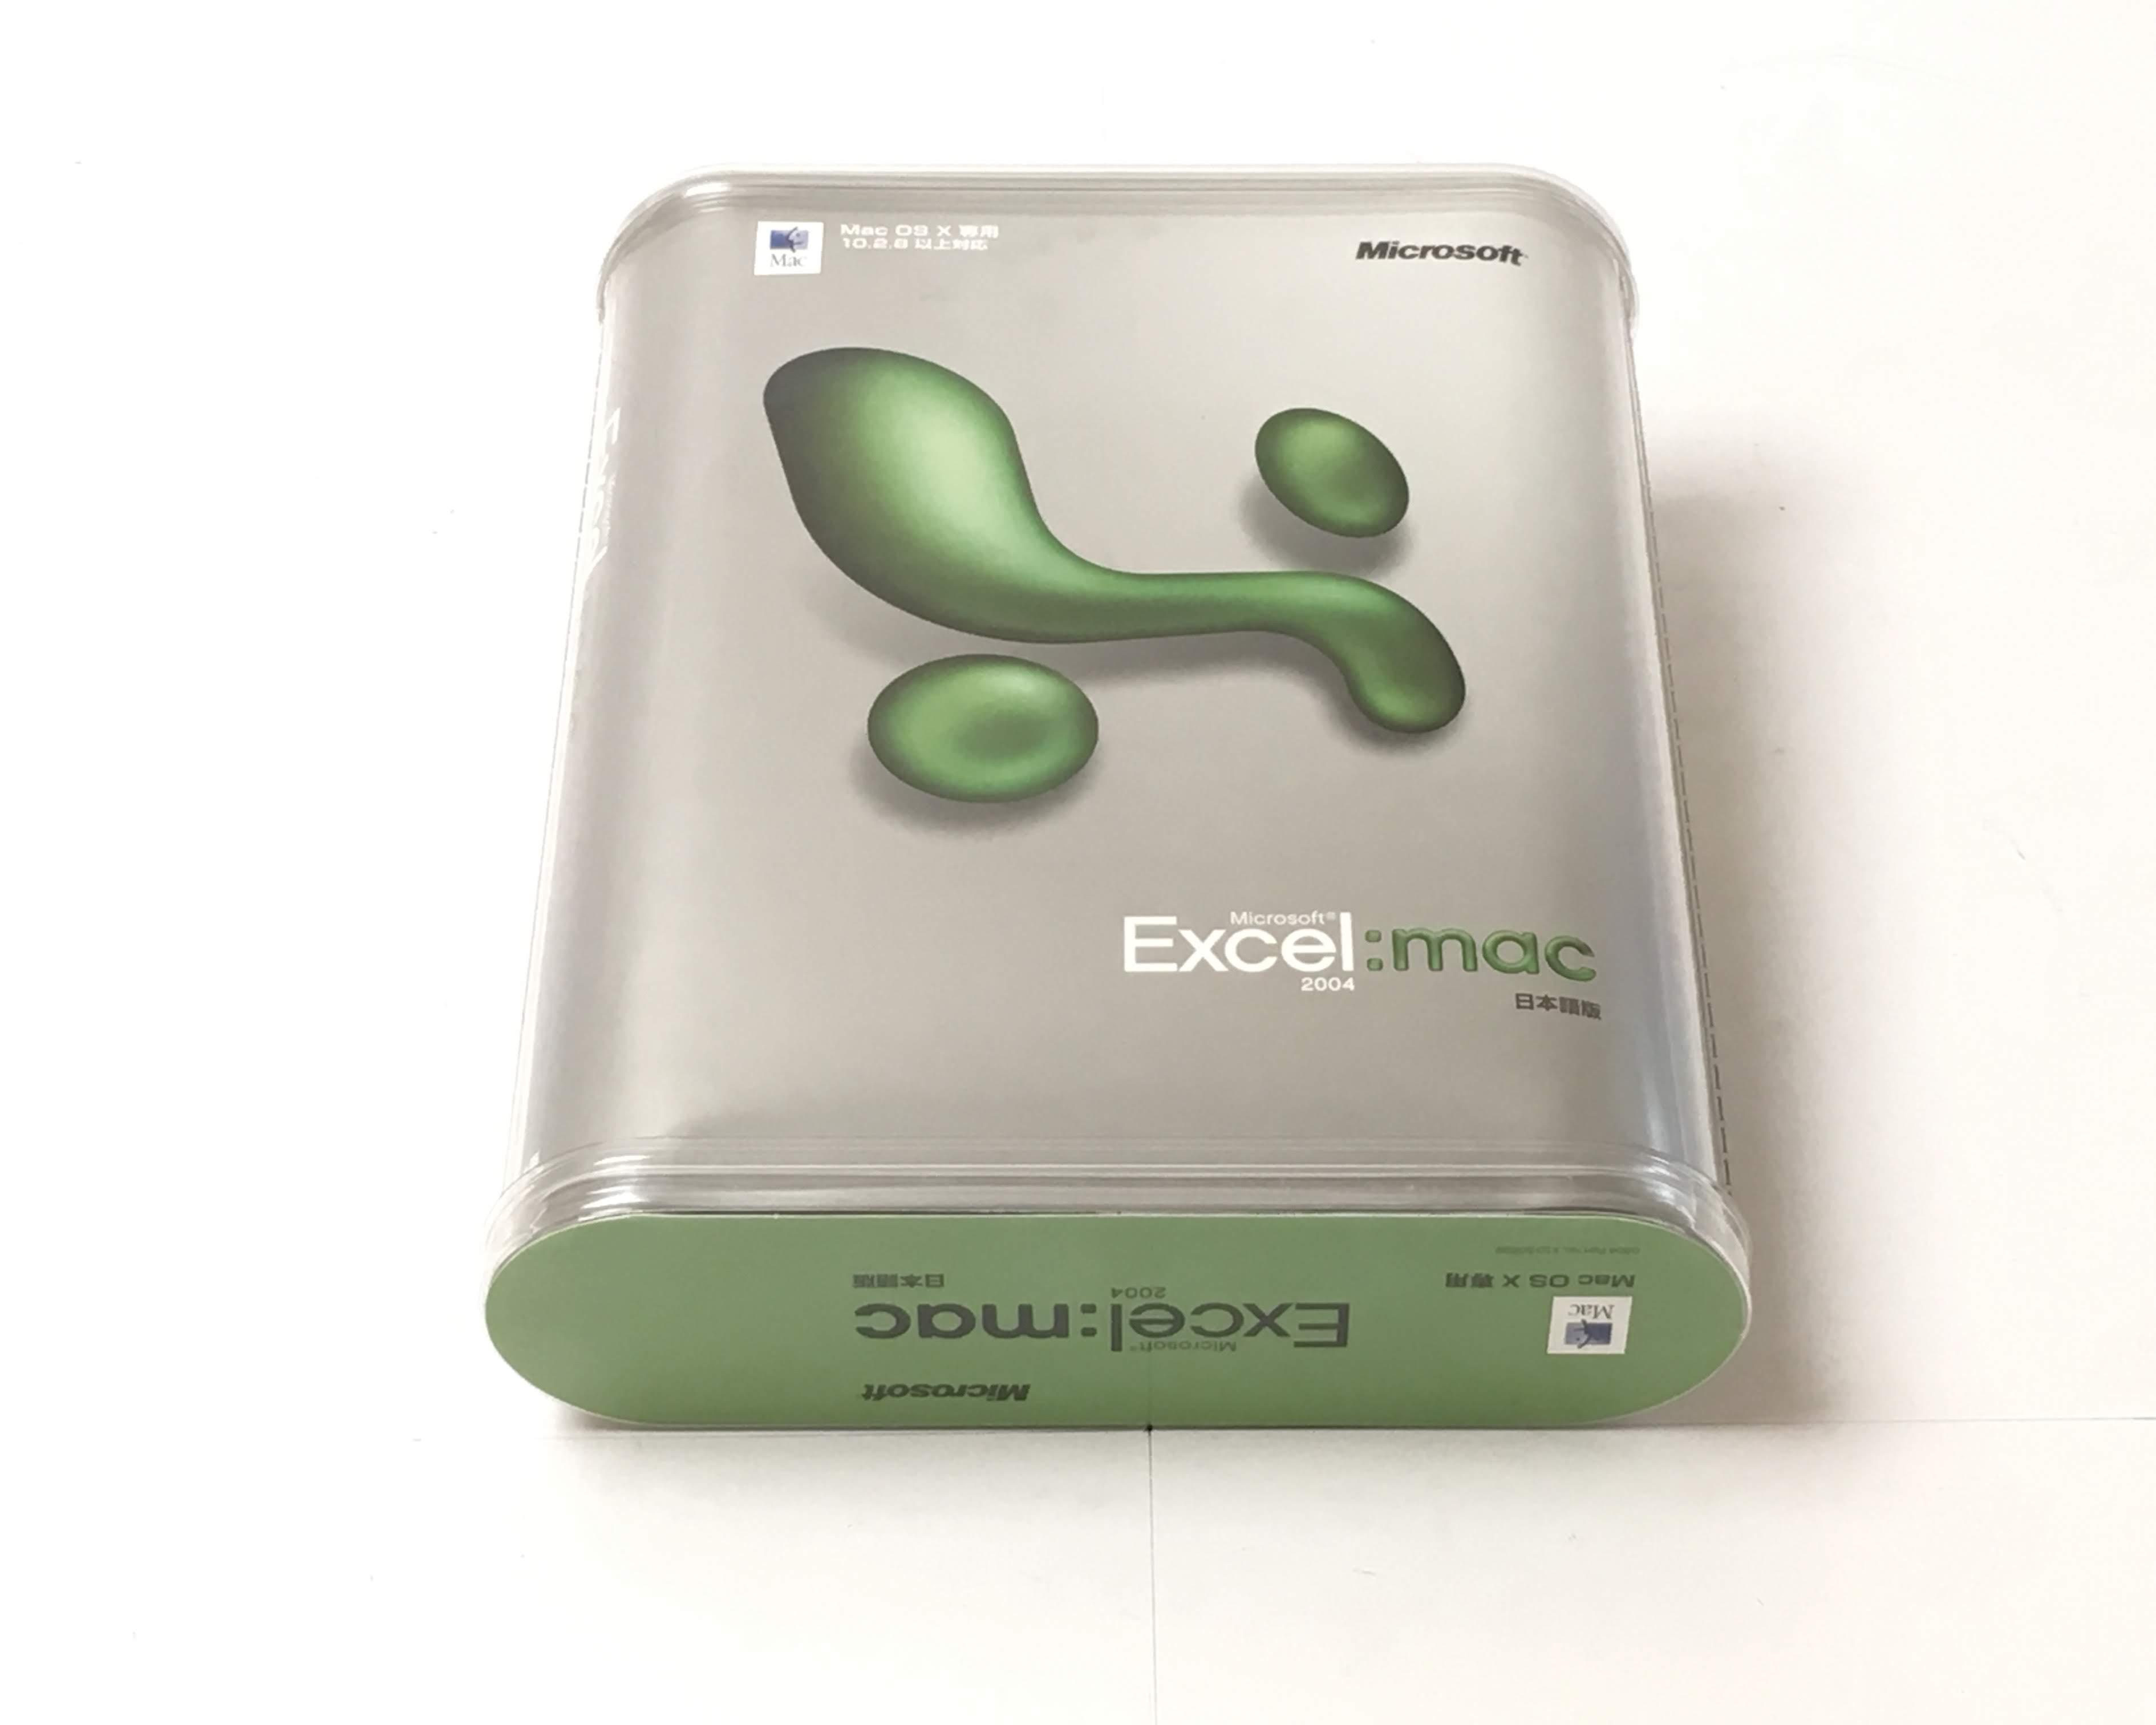 【中古】Excel 2004 for Mac Standard Edition 通常版 メイン画像